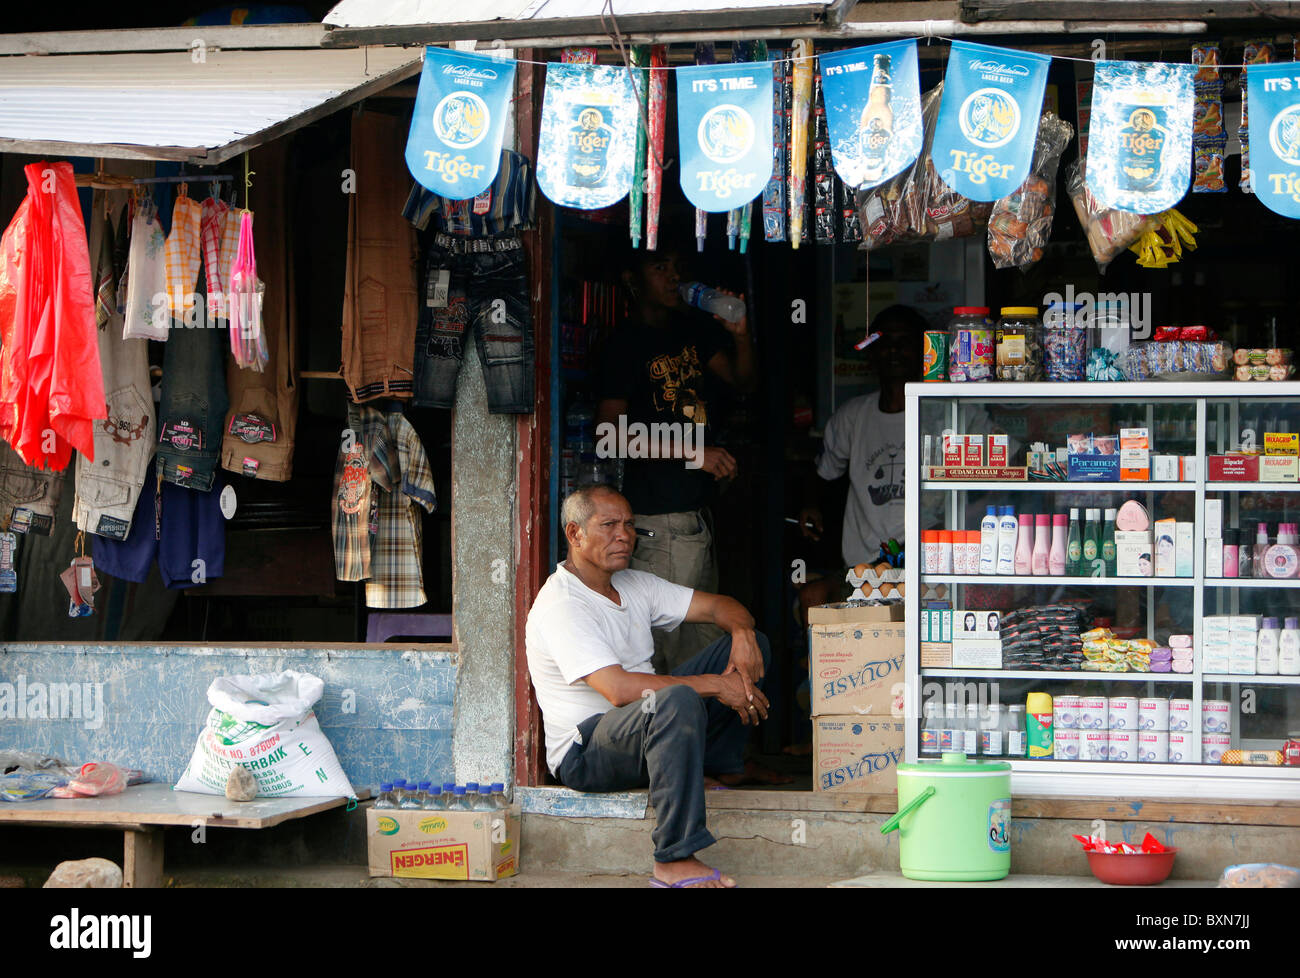 Shop in Suai, Timor Leste (East Timor) - Stock Image